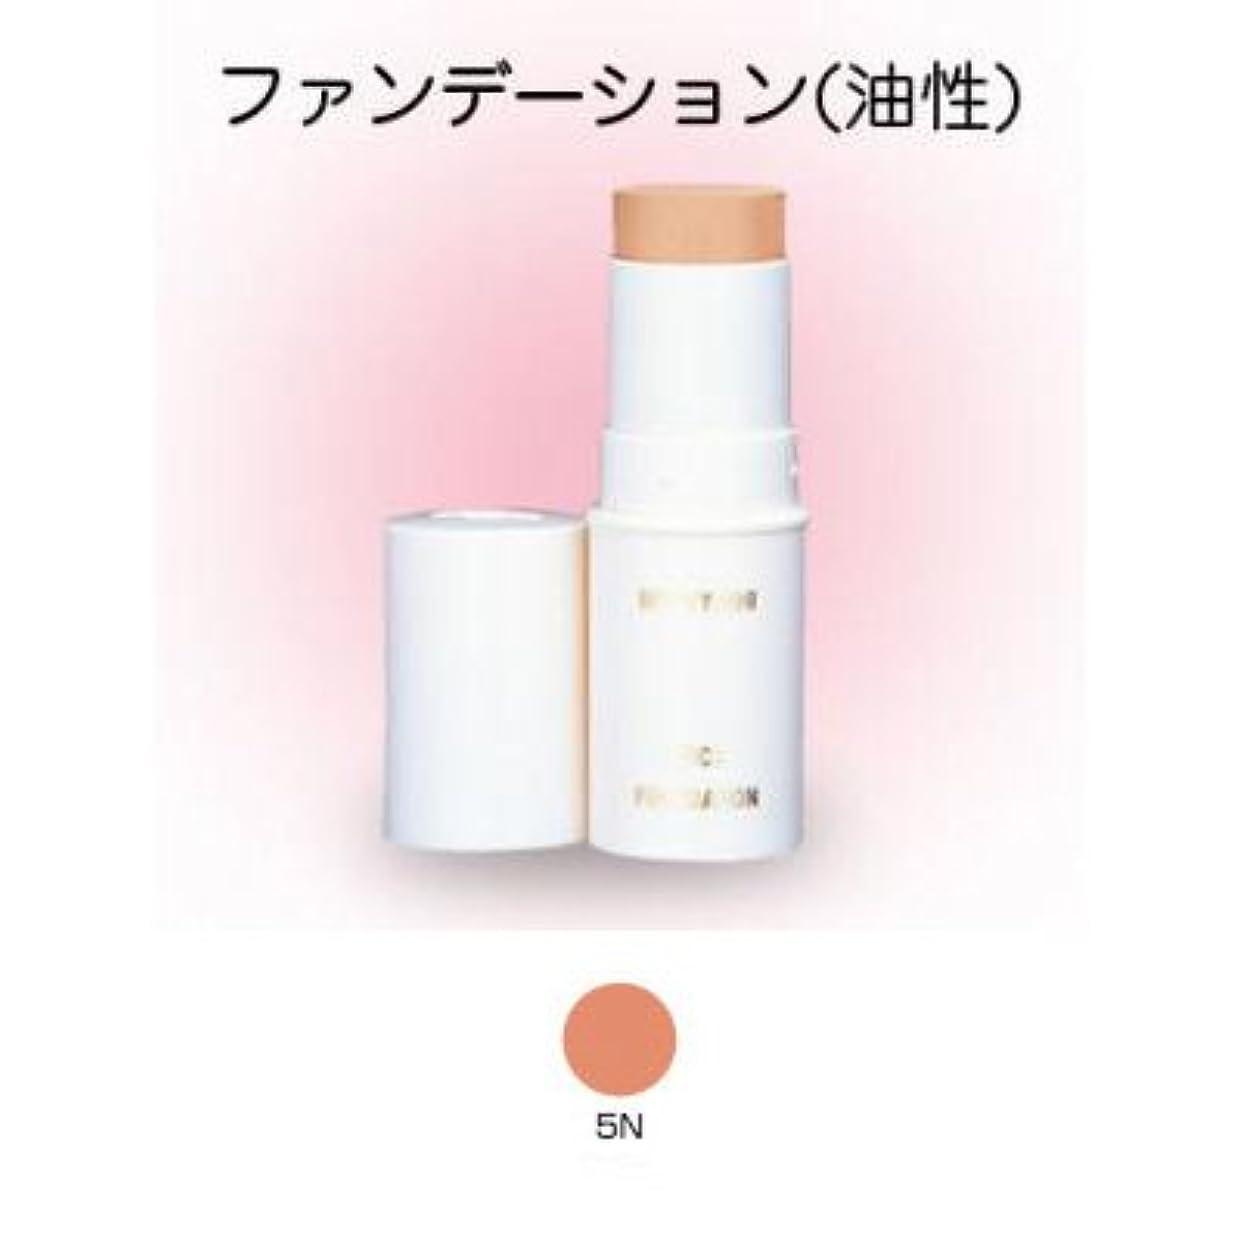 コレクションフルート成分スティックファンデーション 16g 5N 【三善】